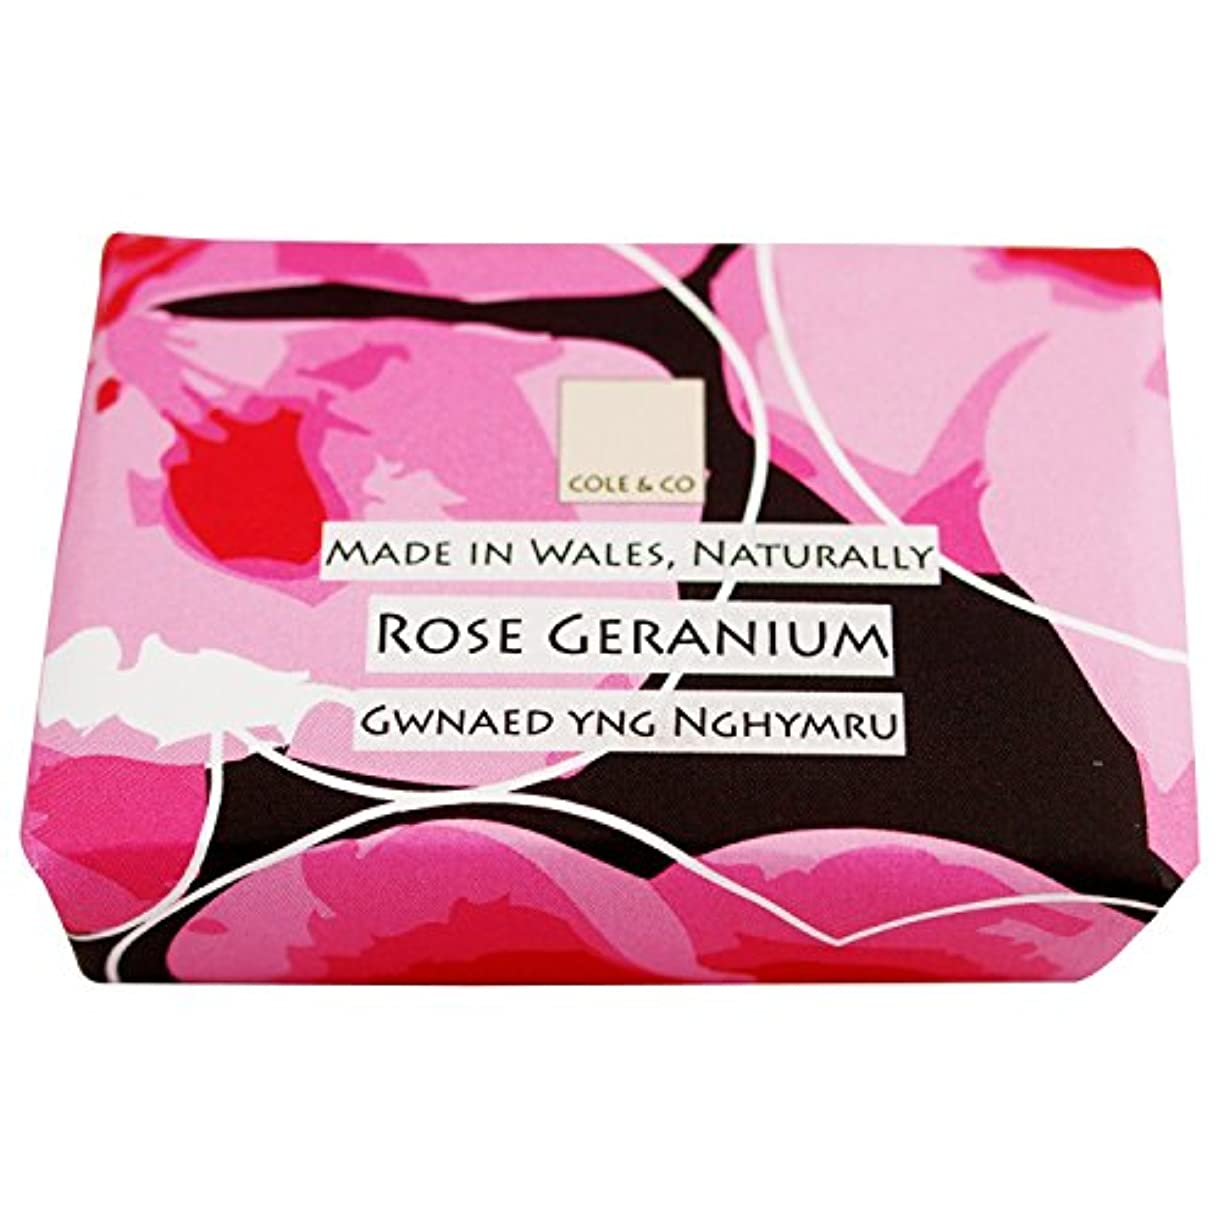 交通渋滞錫健康コール&Coはゼラニウム石鹸80グラムのバラ (Cole & Co) - Cole & Co Rose Geranium Soap 80g [並行輸入品]